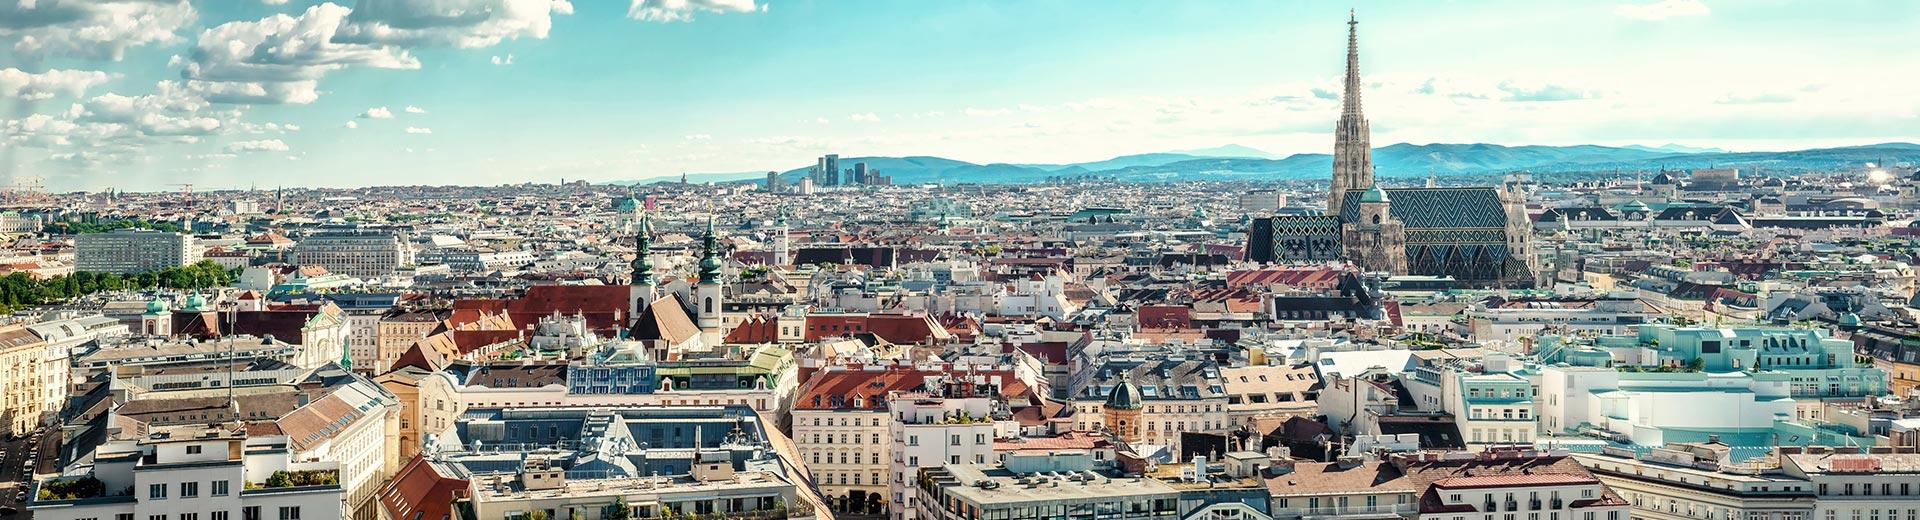 Voyage en groupe Vienne- offre classique vol